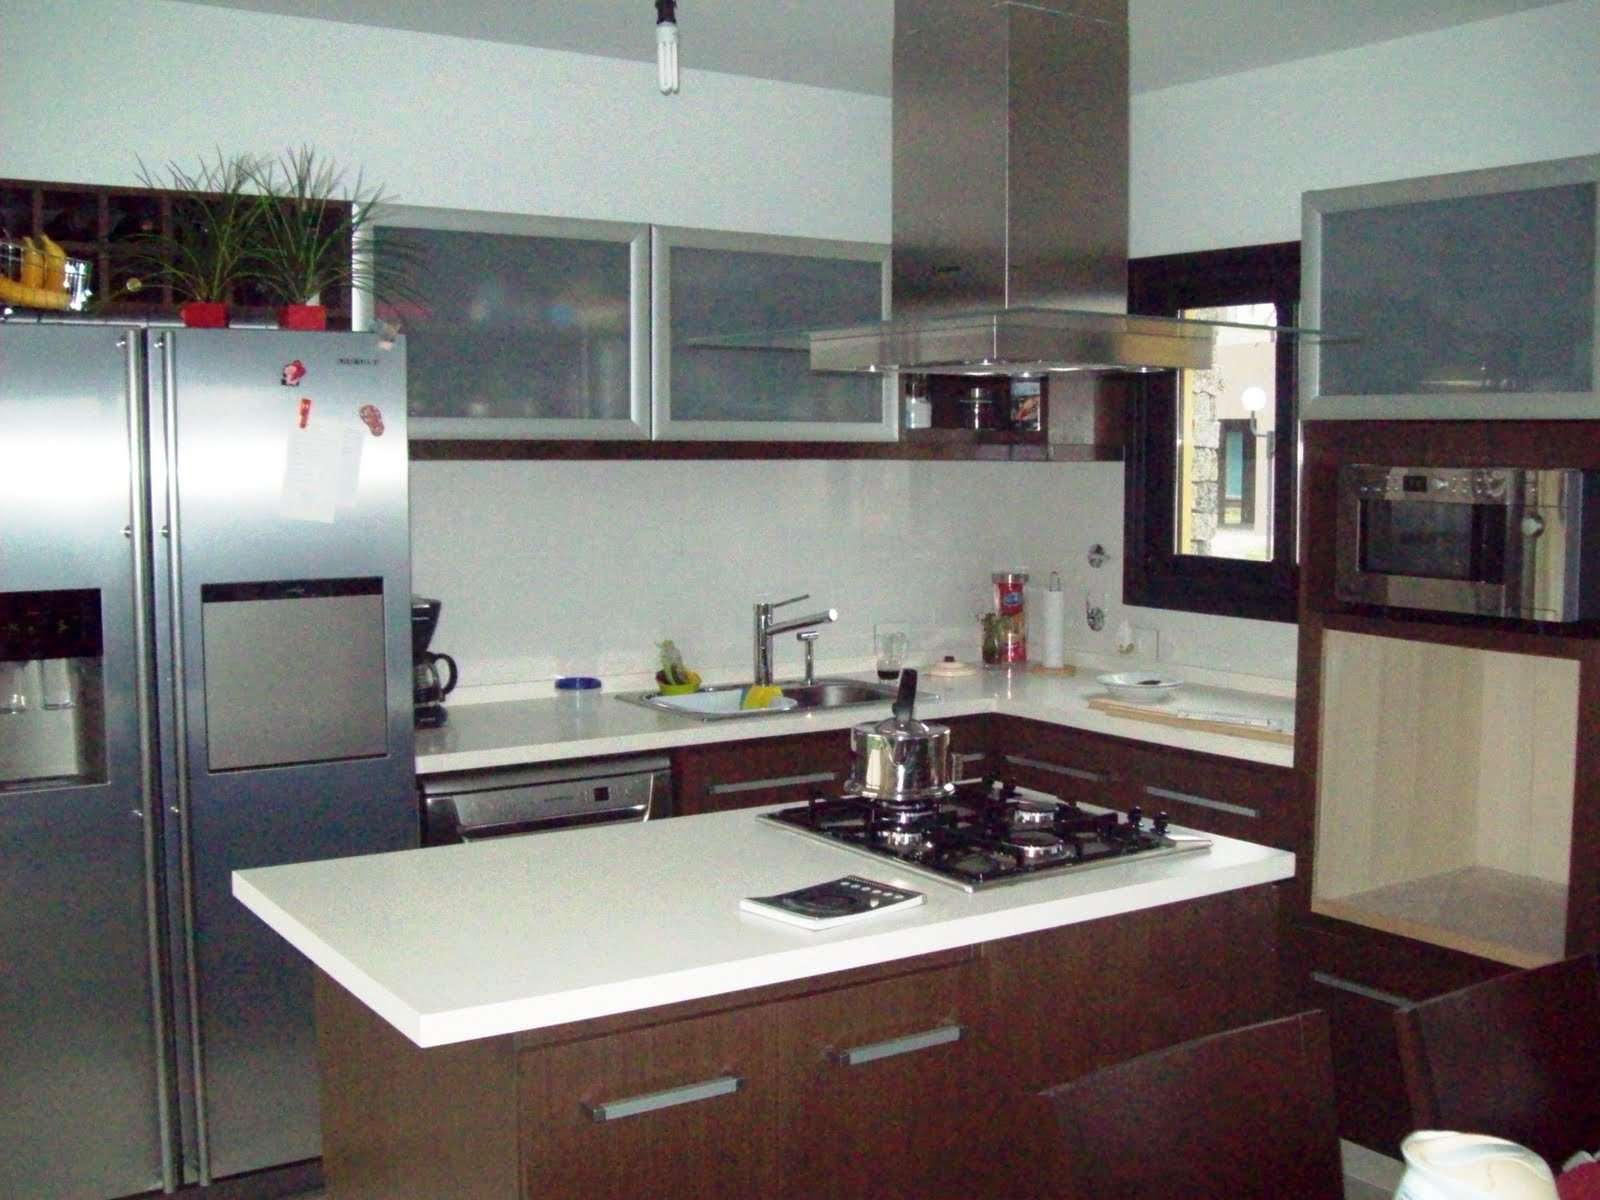 Estilos el uso de las islas en la cocina for Decoracion de cocinas pequenas con islas